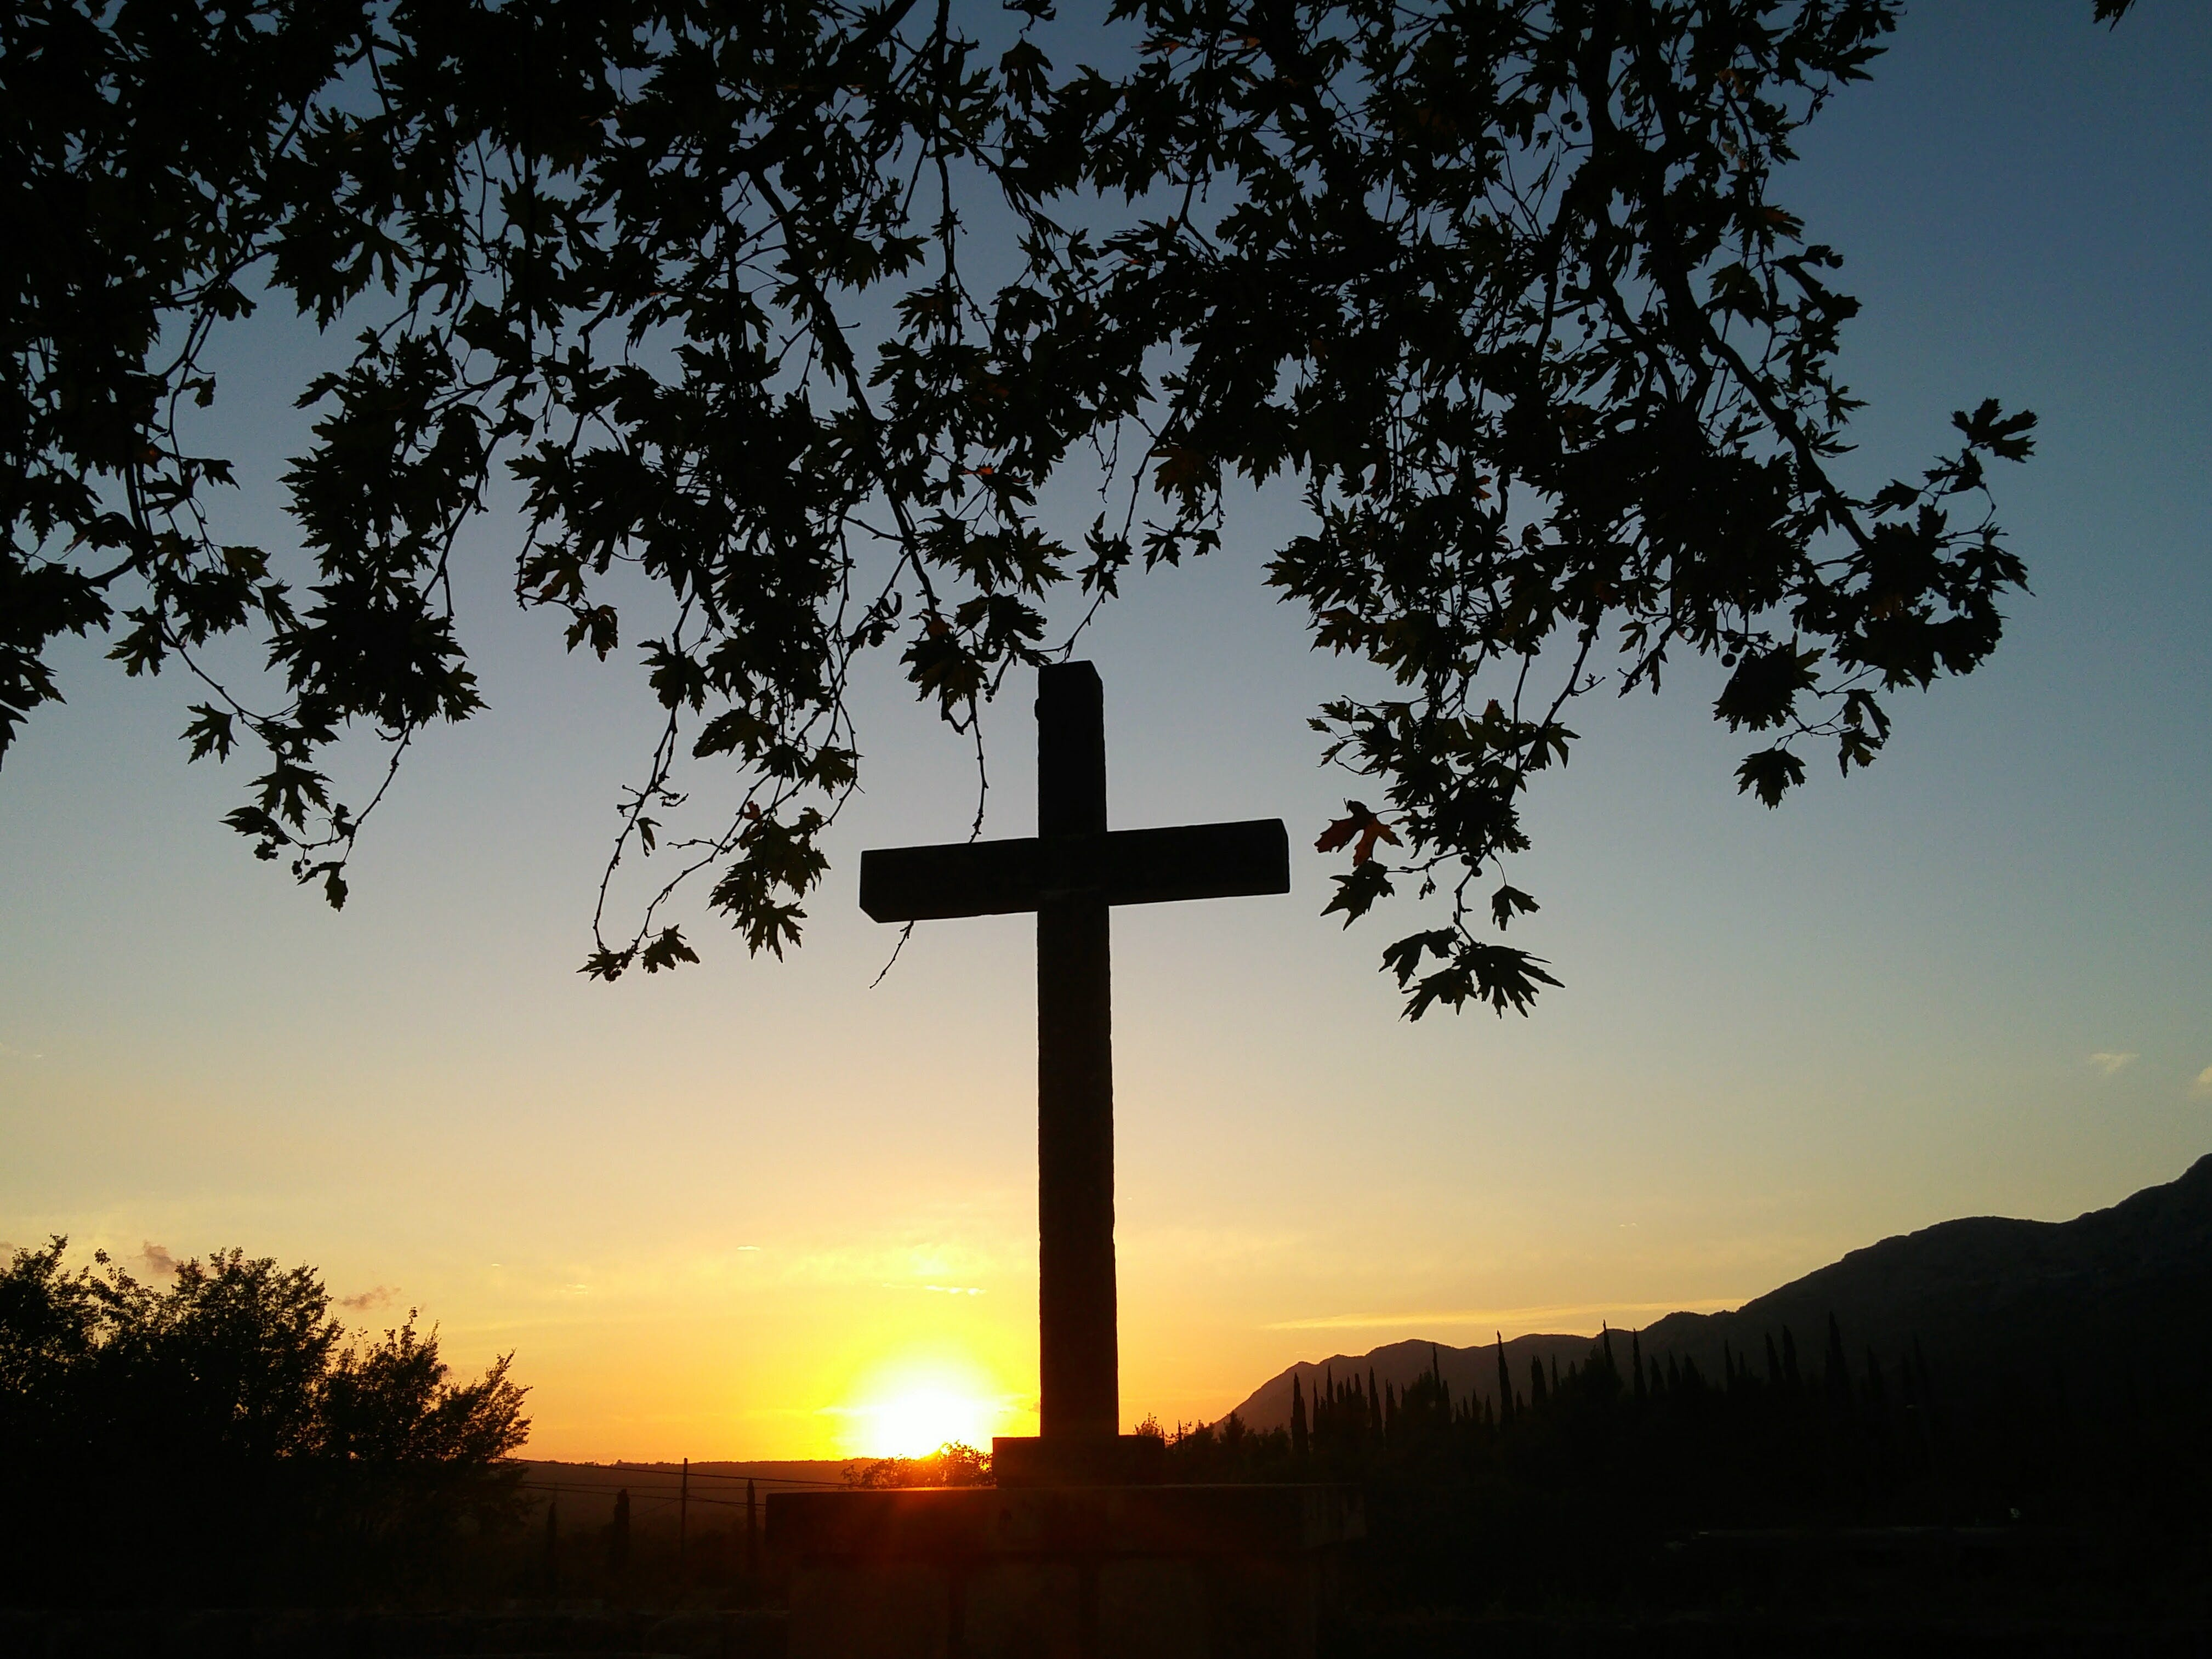 Gratis arkivbilde med kors, solnedgang